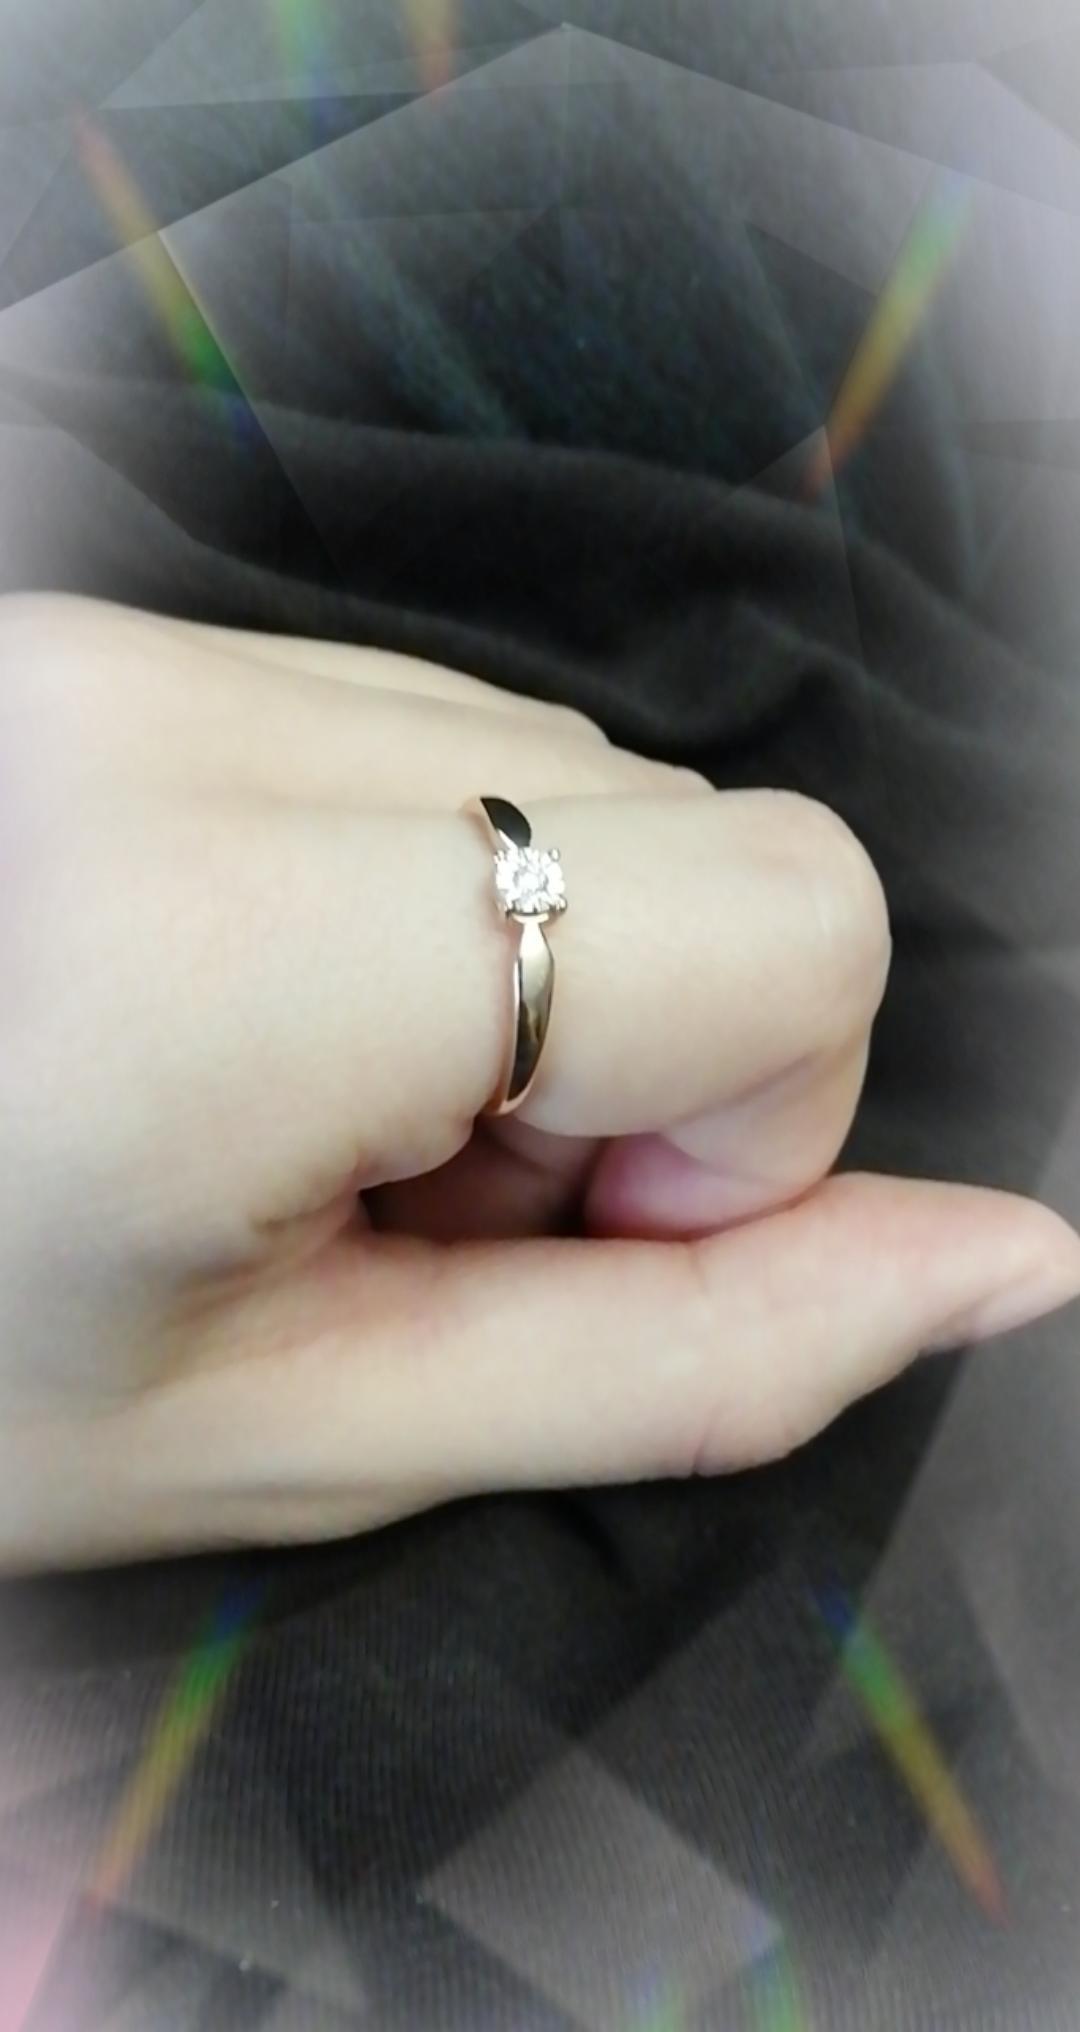 Кольцо, которое доставляет радость и удовольствие)